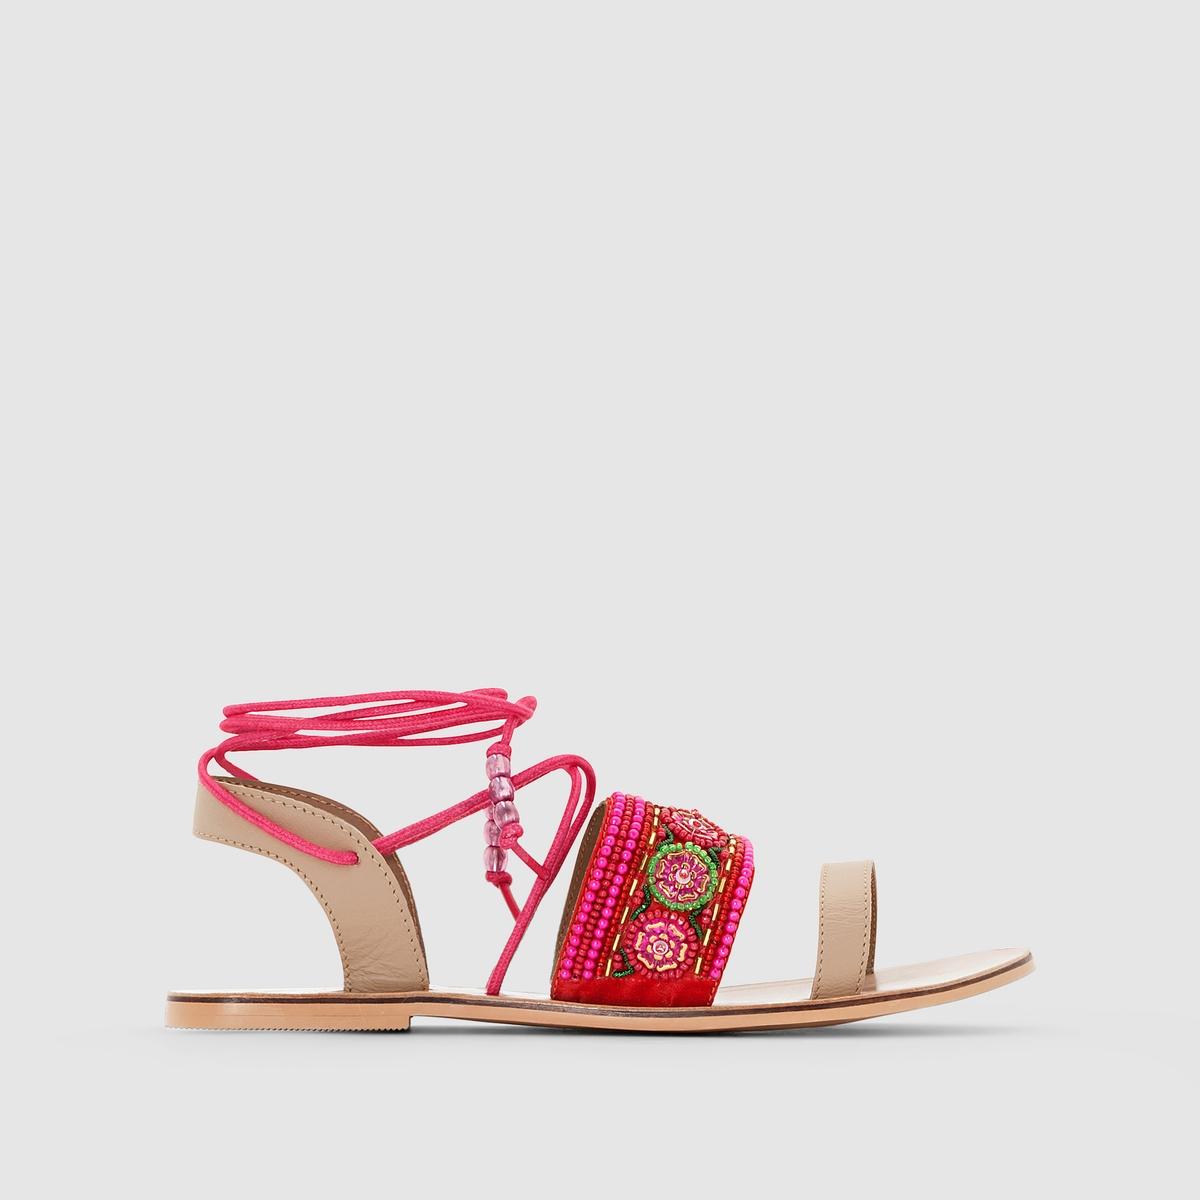 Сандалии на плоской подошве, с бусинами MADEMOISELLE RПреимущества : MADEMOISELLE R представляет вашему вниманию великолепные сандалии на завязках с разноцветными бусинами. Сандалии, которые носят, как украшение.<br><br>Цвет: розовый<br>Размер: 38.40.37.36